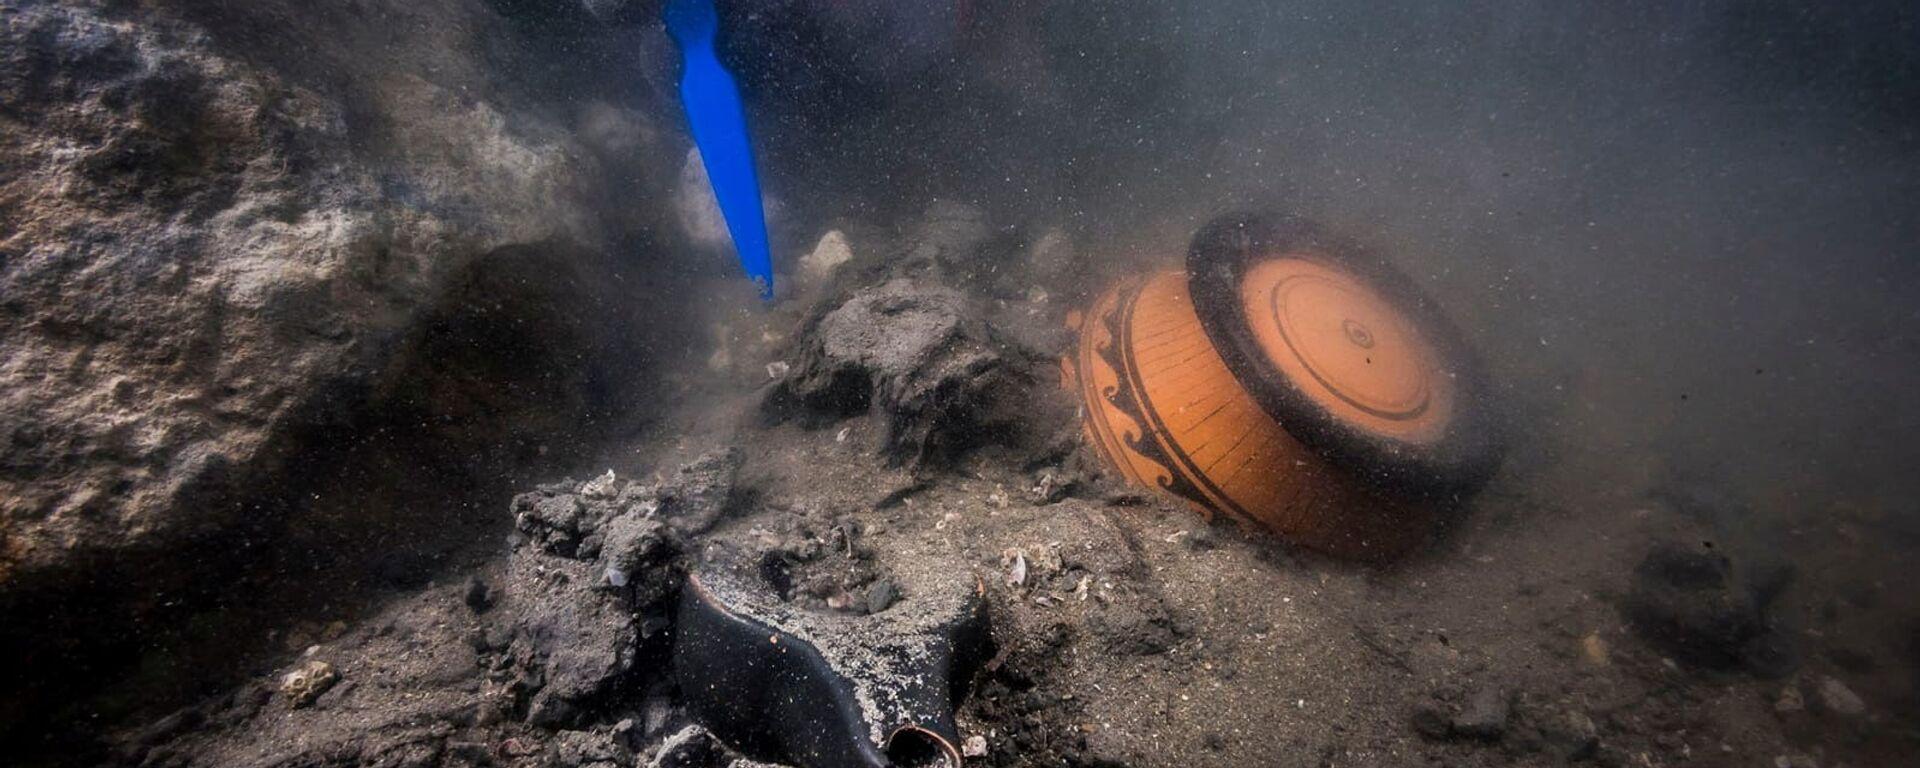 Trosky starověké vojenské lodi v Egyptě - Sputnik Česká republika, 1920, 21.07.2021